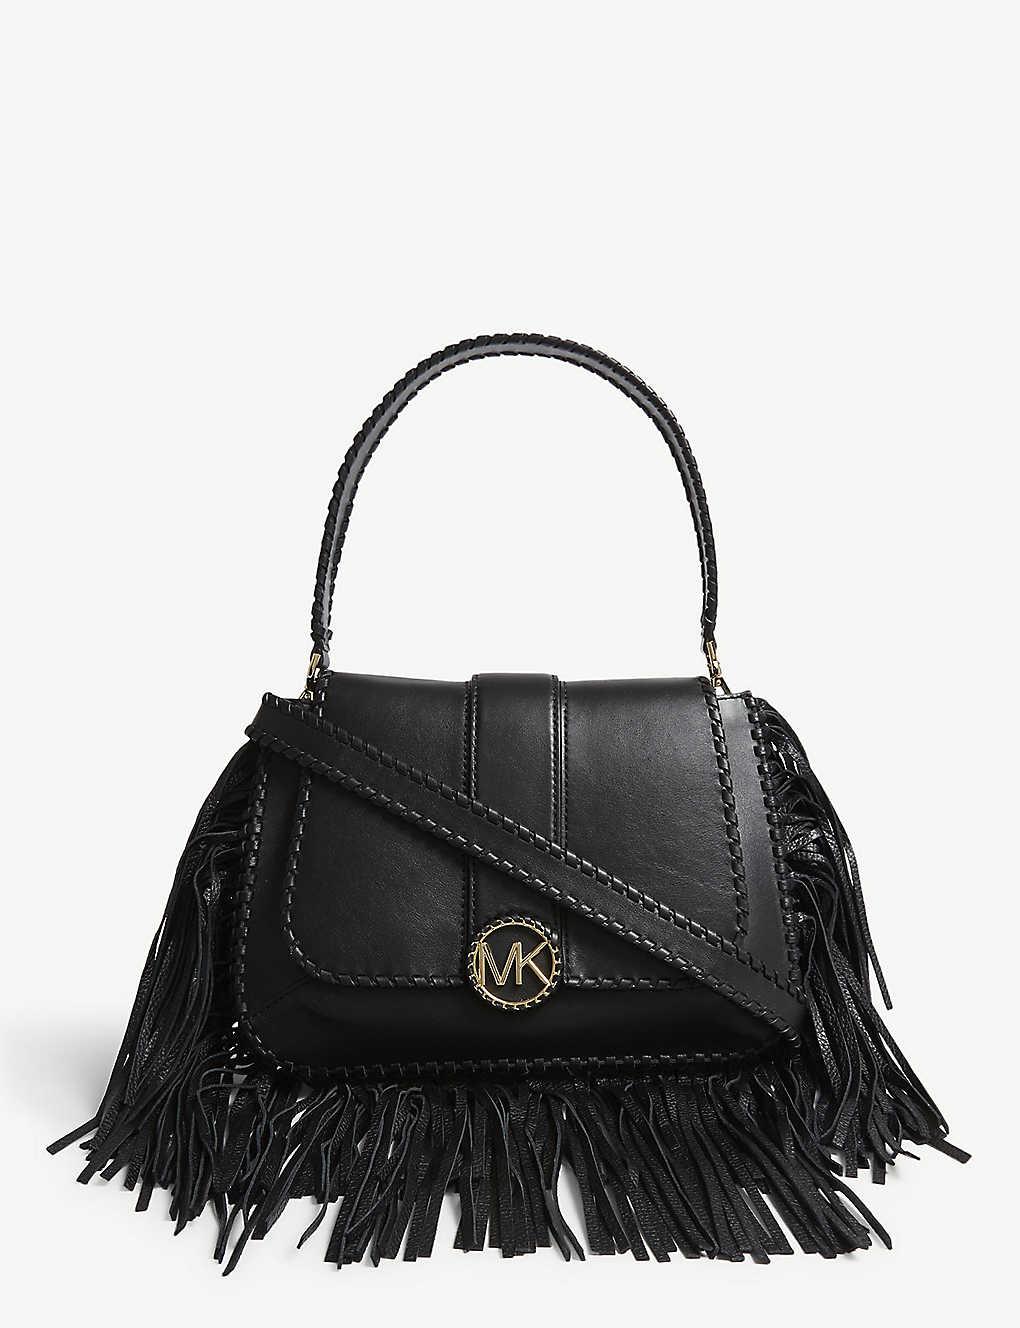 c4b809276856 MICHAEL MICHAEL KORS - Lillie fringed leather shoulder bag ...